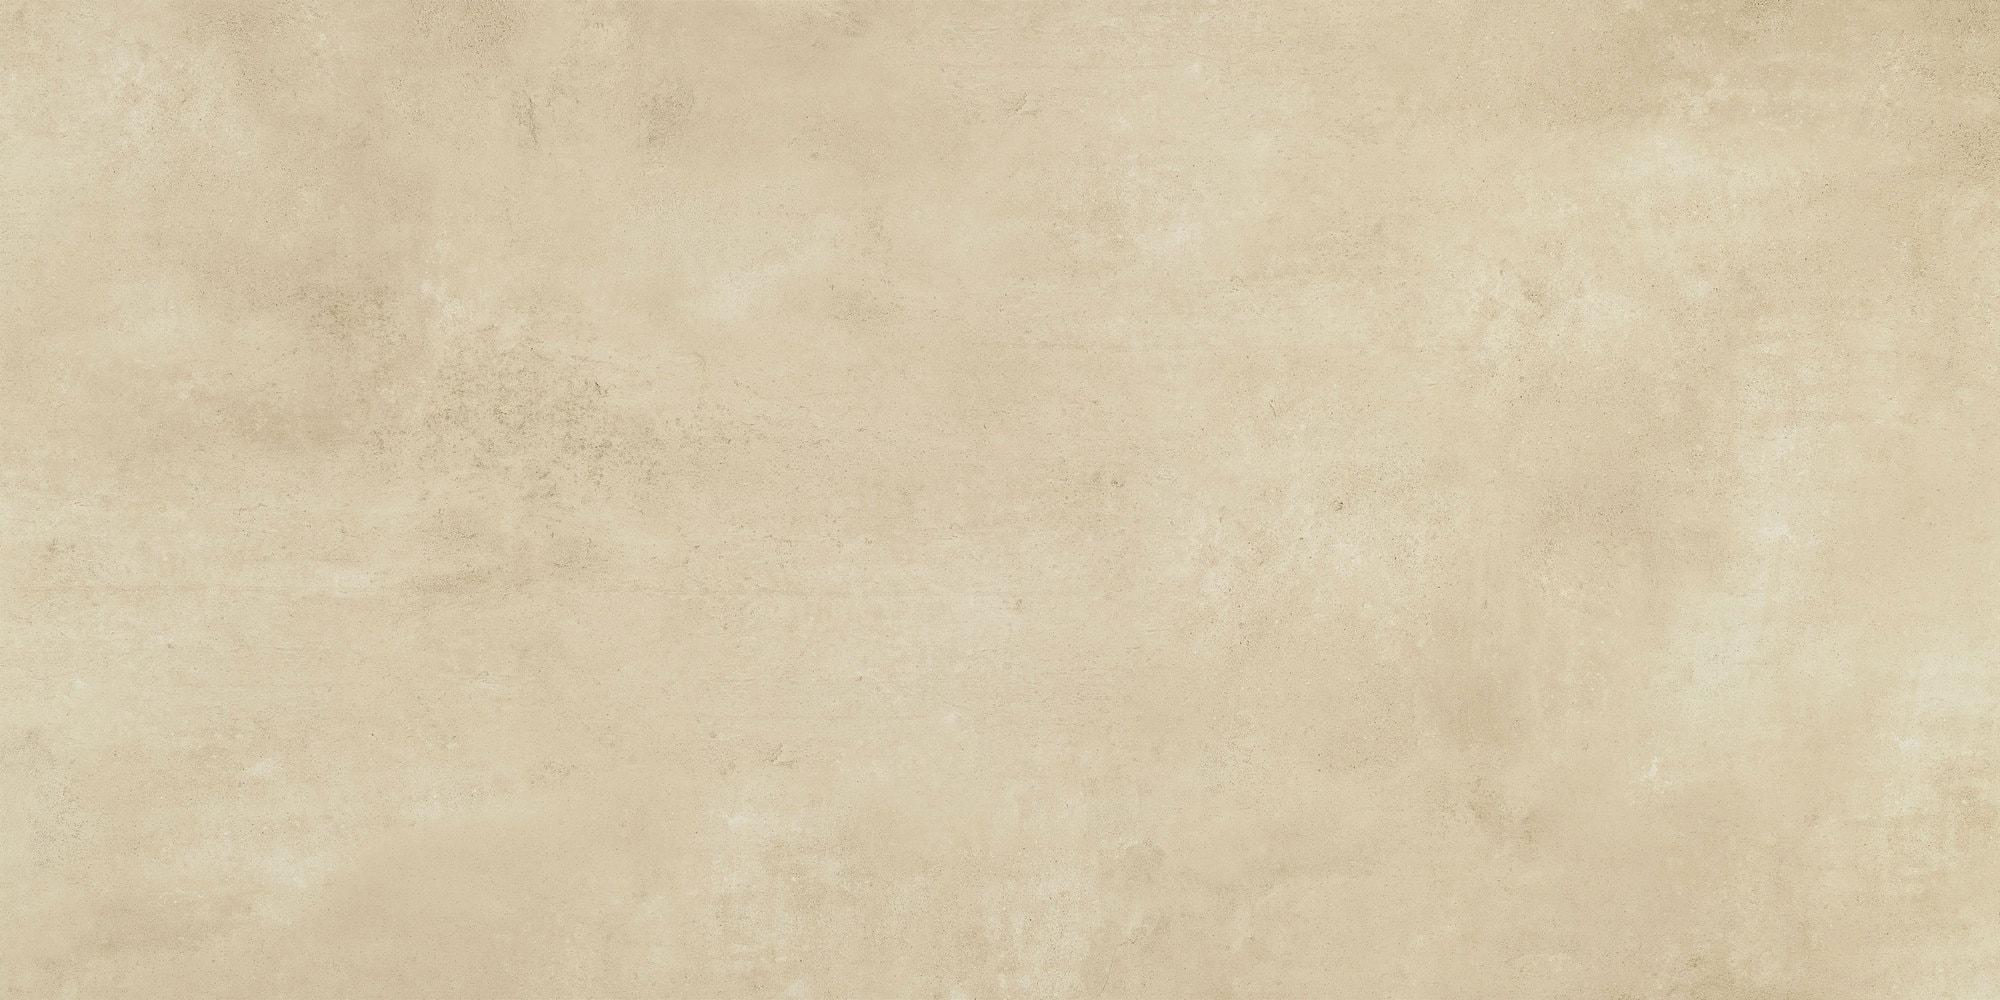 Płytka podłogowa Tubądzin Epoxy Beige 1 120x240cm tubEpoBei1_1198X2398